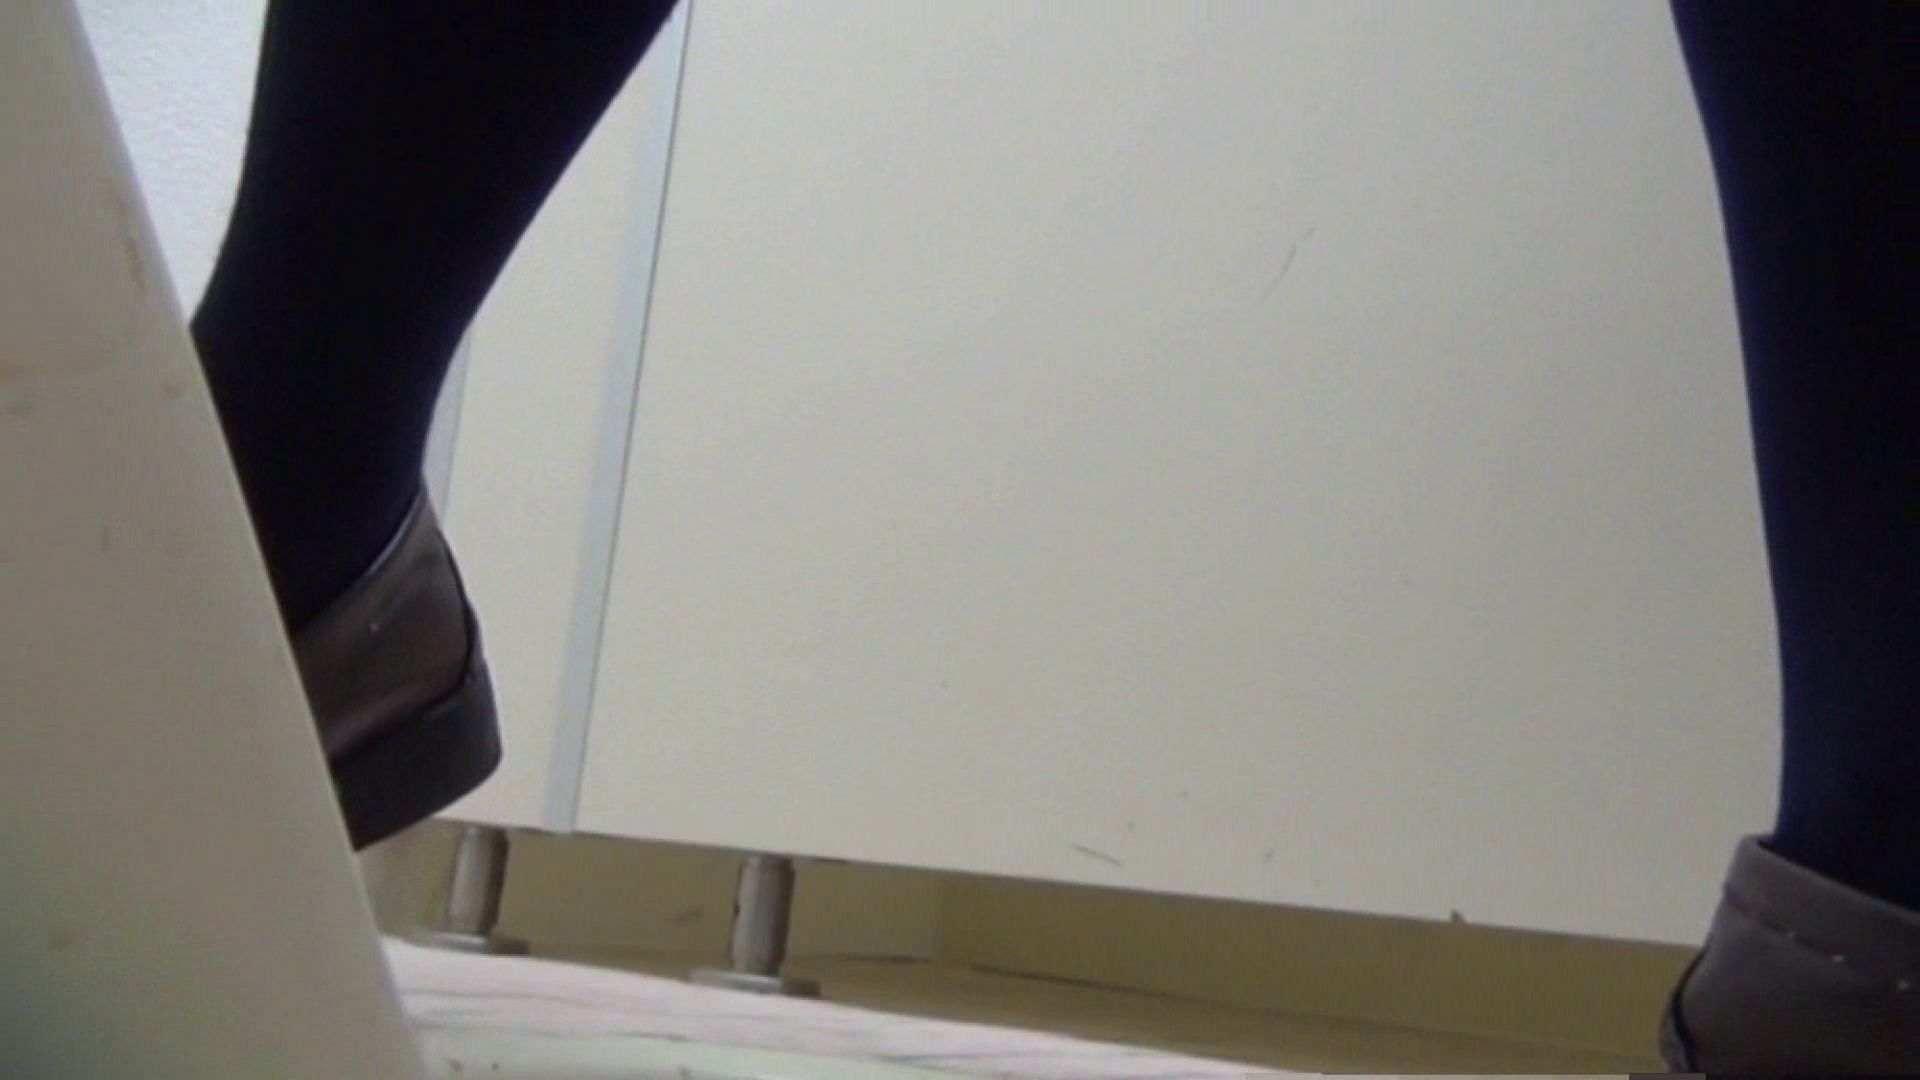 いつどこでオナニーしたっていいじゃない Vol.40 制服フェチへ オマンコ無修正動画無料 68画像 23